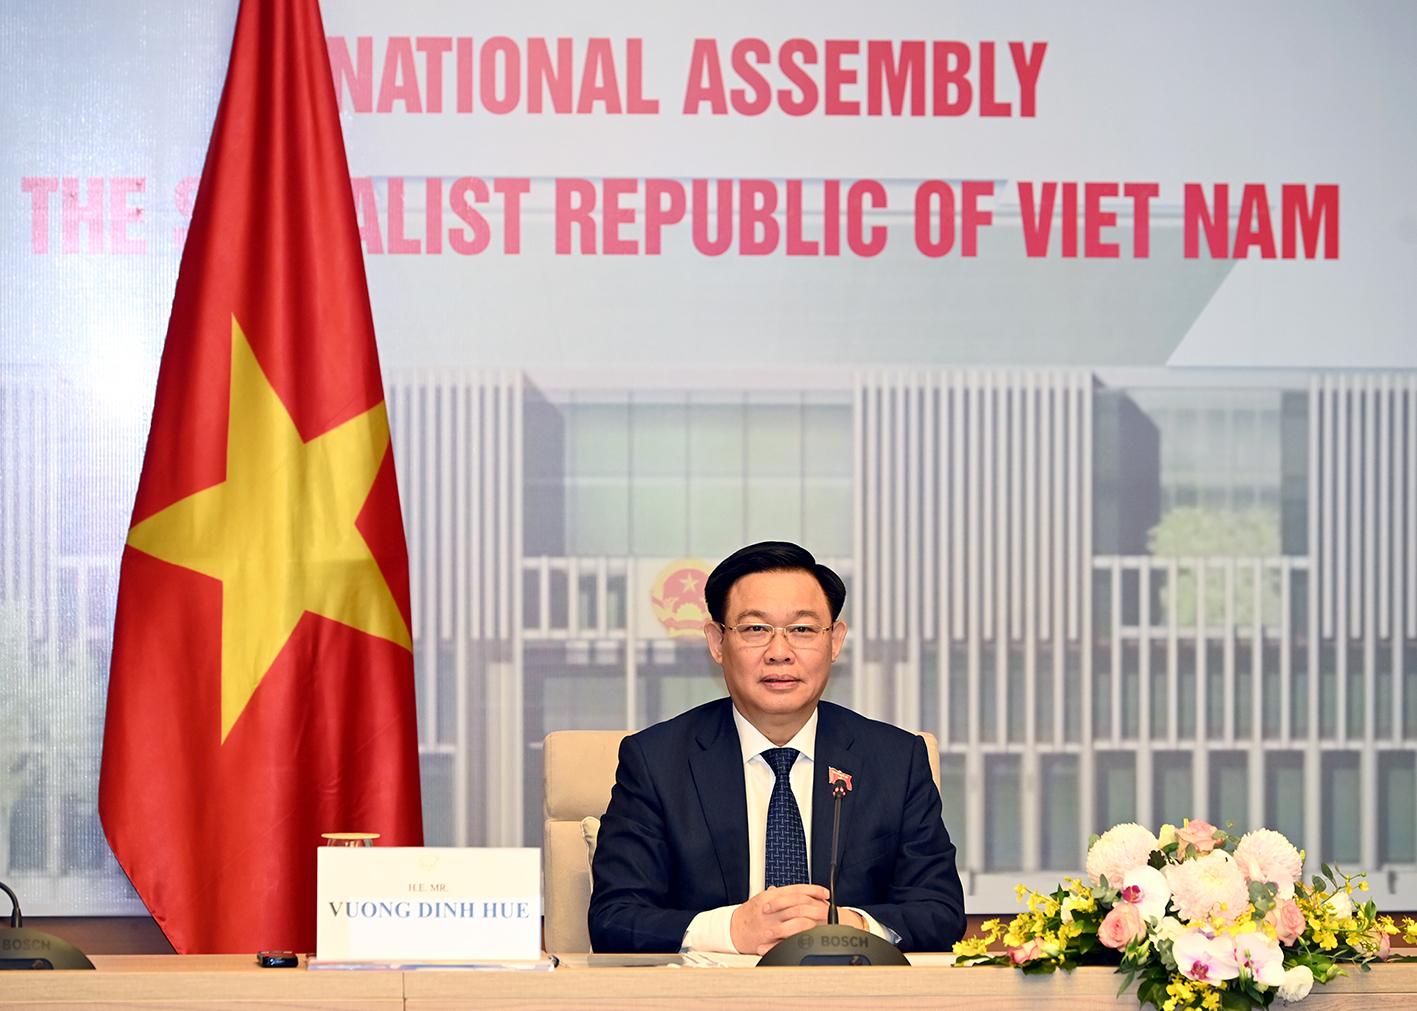 Chủ tịch Quốc hội Việt Nam và Trung Quốc hội đàm trực tuyến